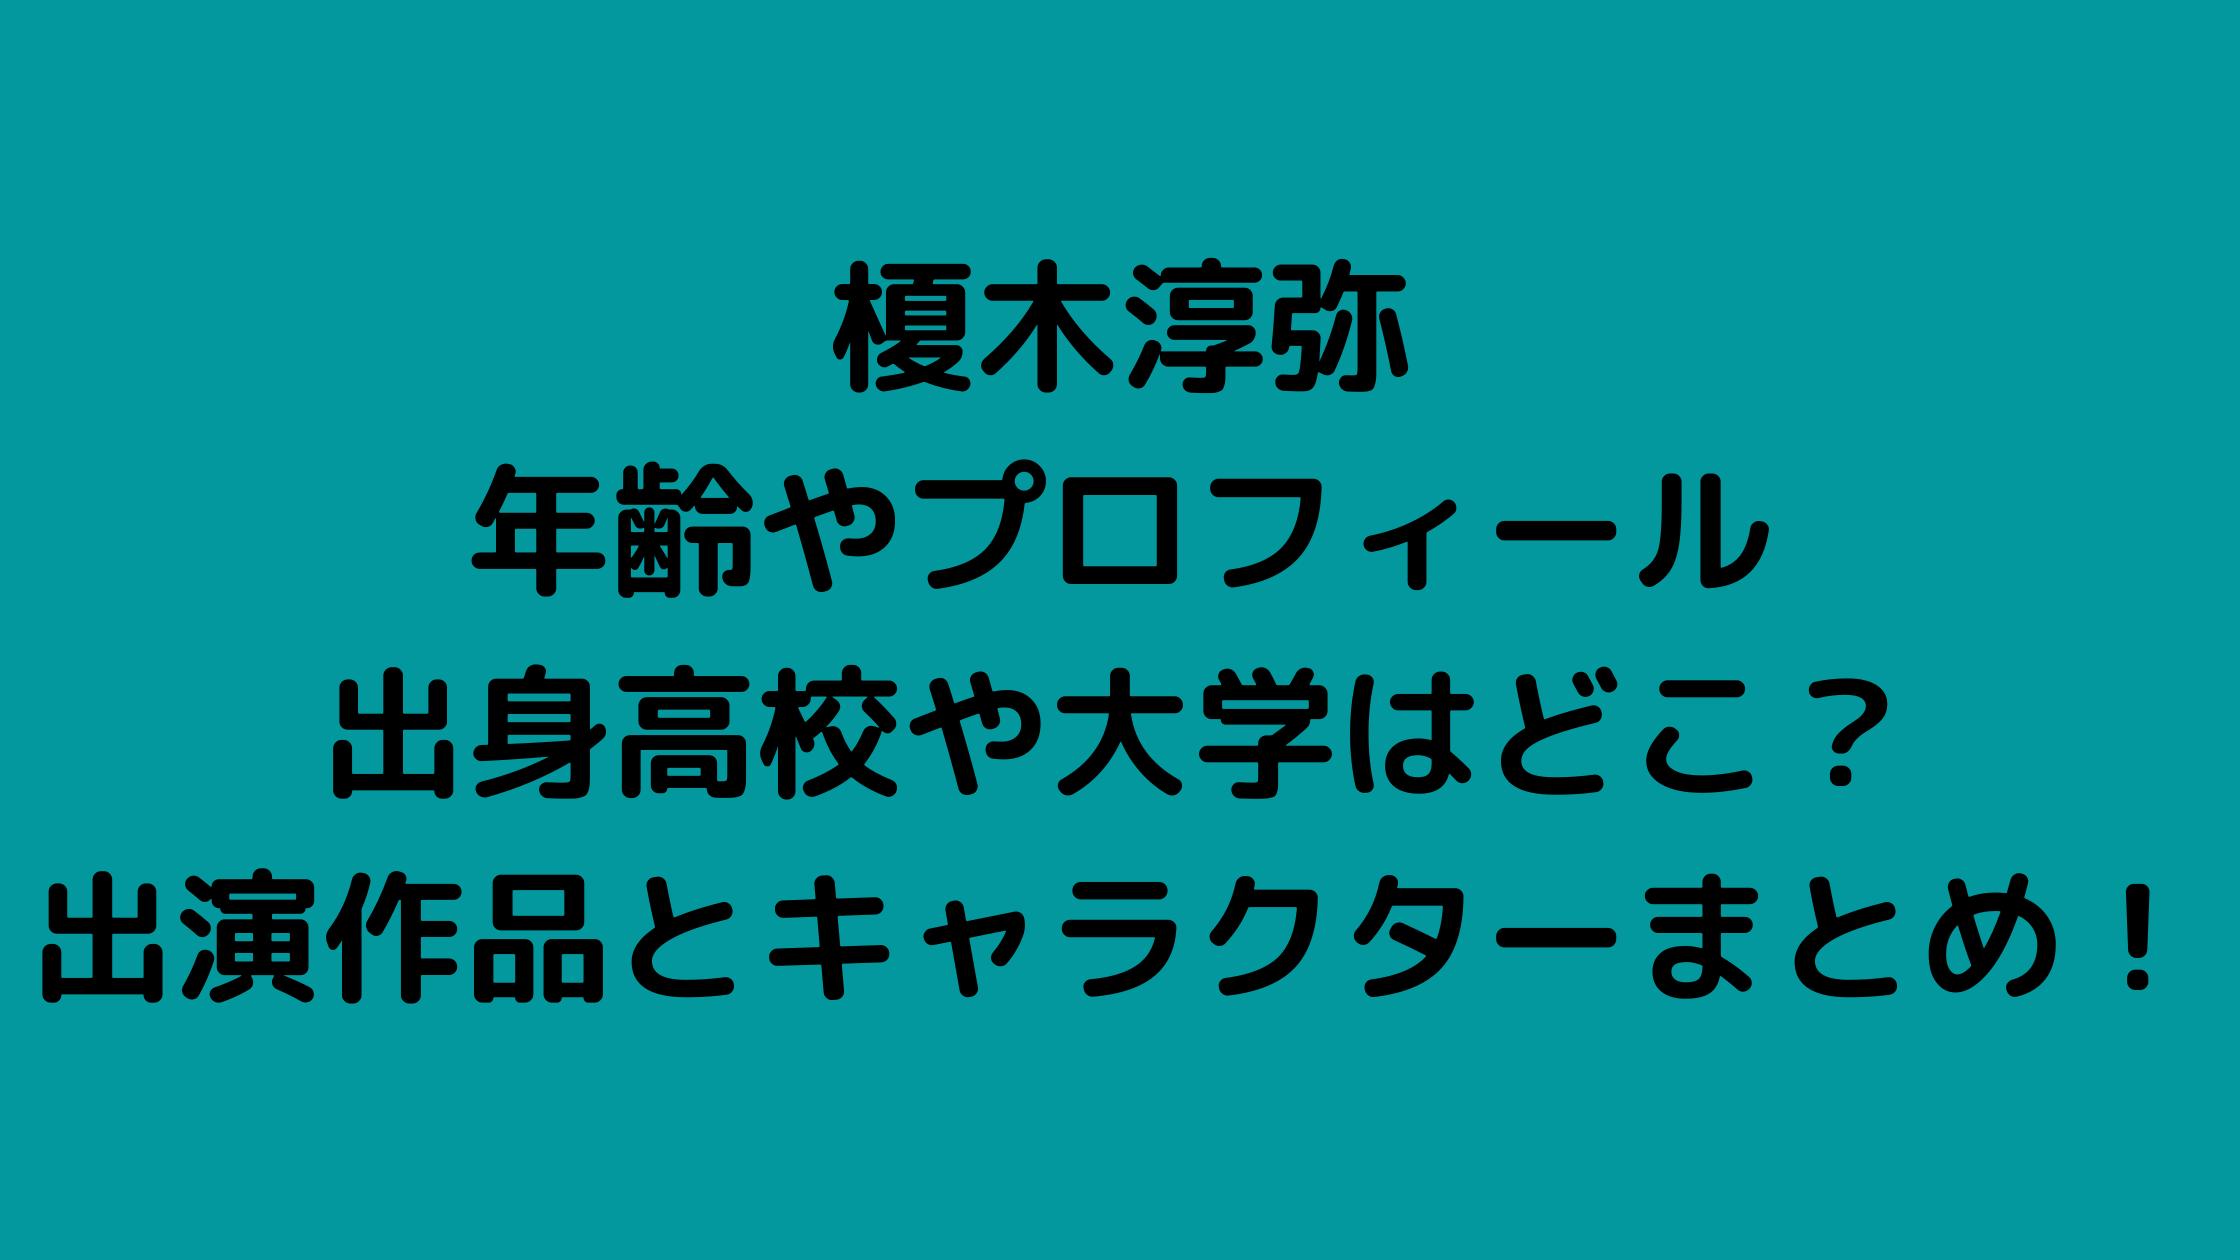 榎木淳弥の年齢やプロフィールは?出身高校や大学はどこ?出演作品とキャラクターまとめ!